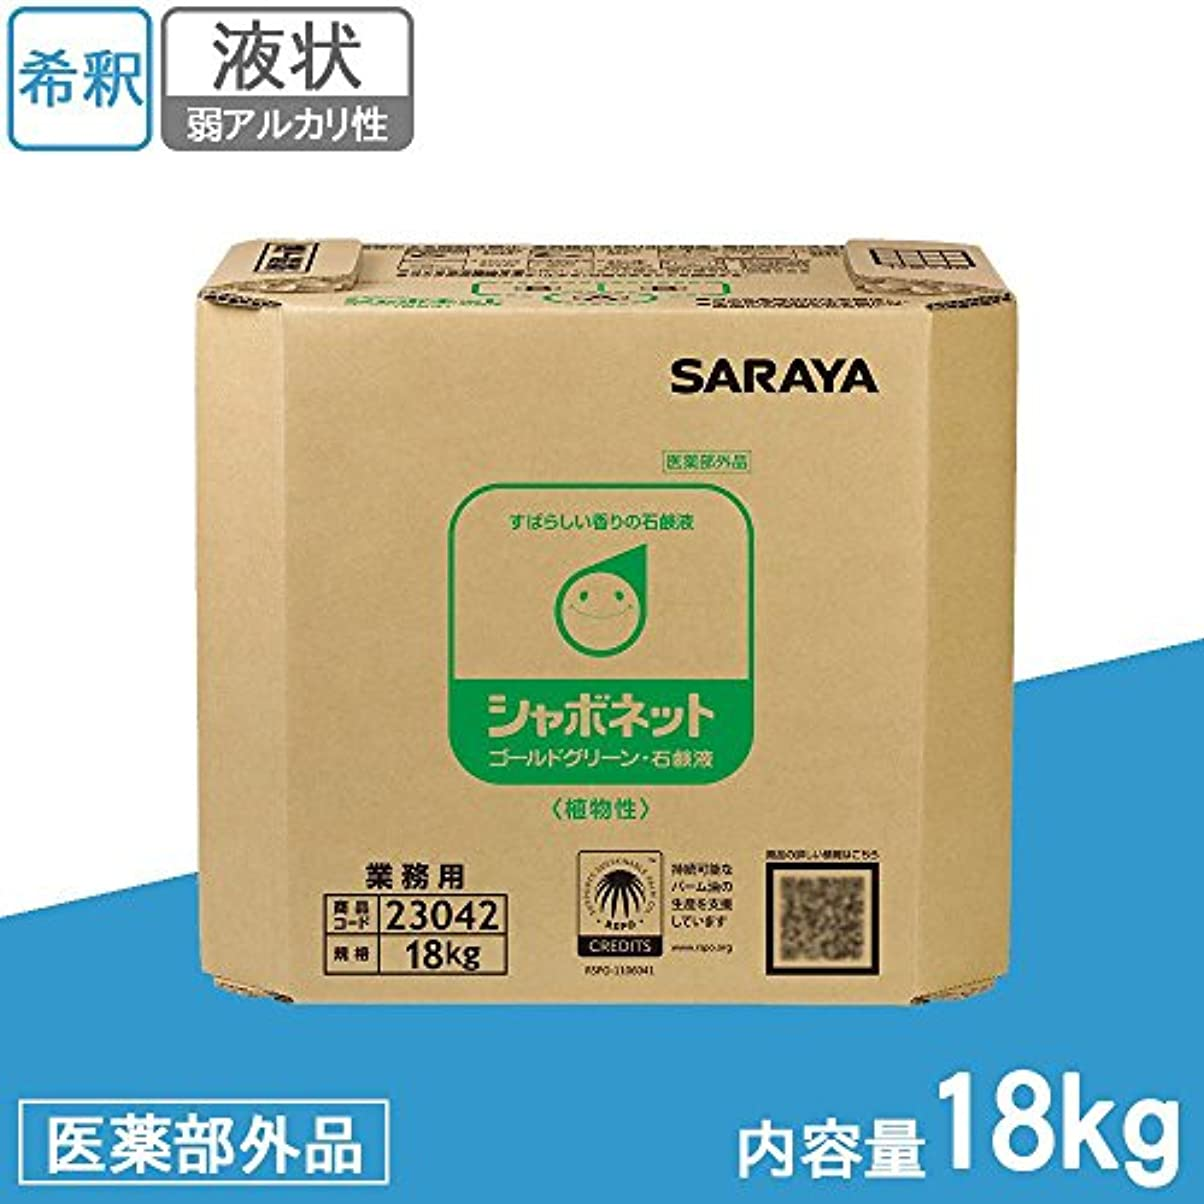 わずかにエンジン化学サラヤ 業務用 手洗い用石けん液 シャボネットゴールドグリーン スズランの香り 18kg BIB 23042 (医薬部外品)